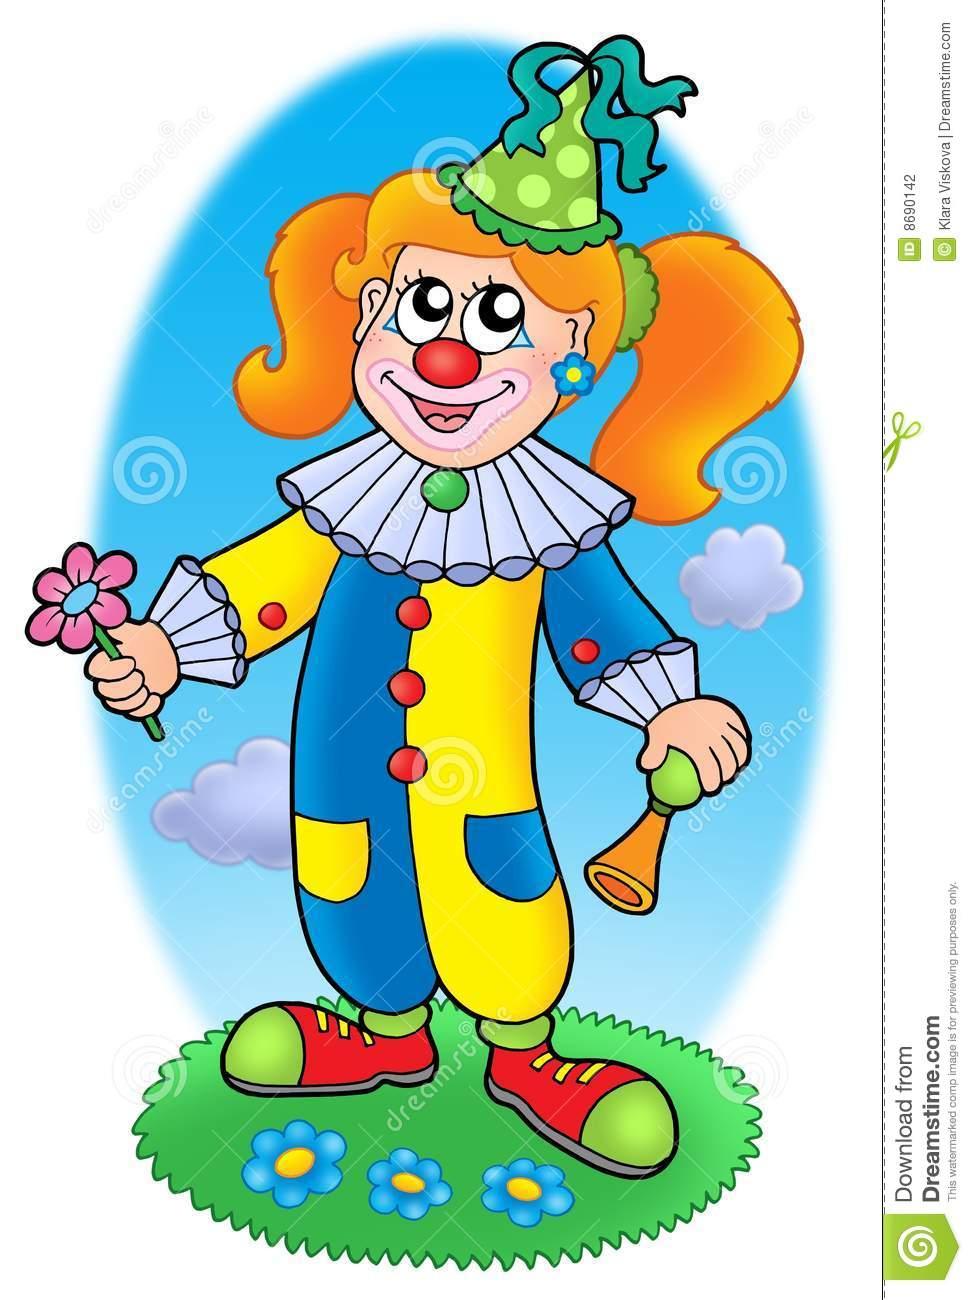 Pré De Fille De Clown De Dessin Animé Illustration Stock intérieur Dessin De Clown En Couleur